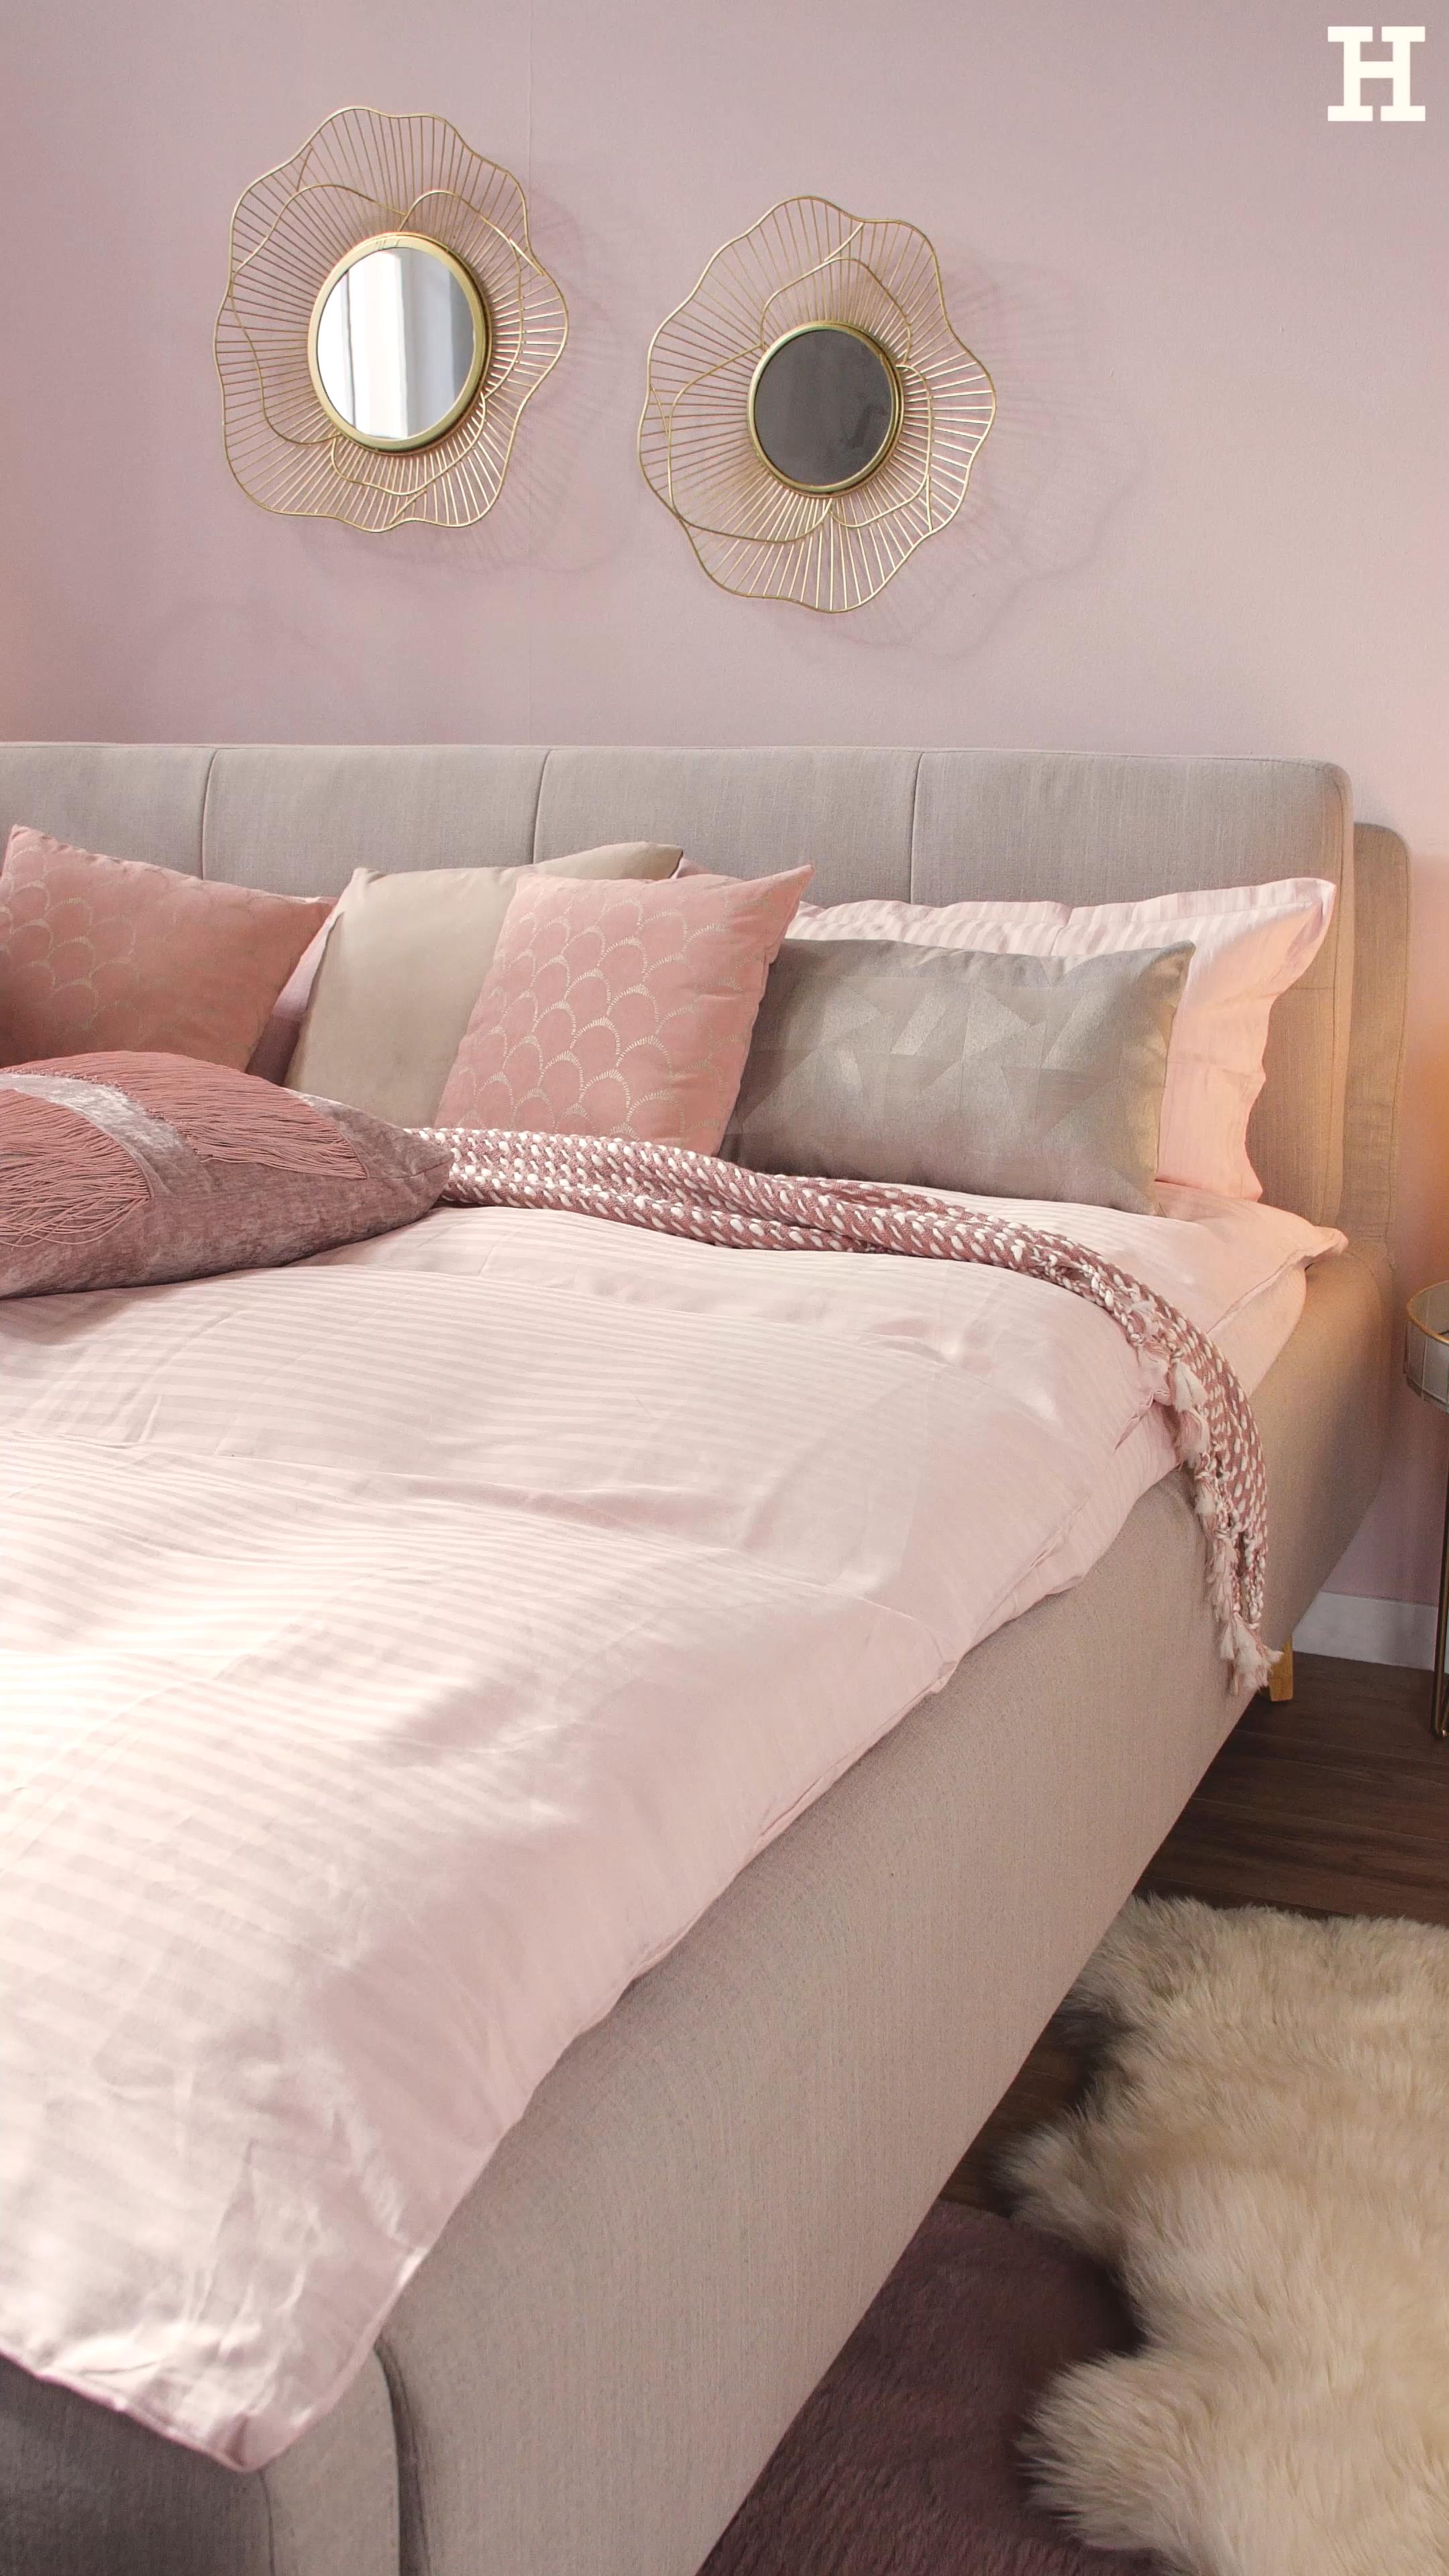 Einrichten In Rosa Und Gold Dein Interior Update Fur Wohnzimmer Und Schlafzimmer Tres Chic Shop The Look Mit Mobel Und Dekorati In 2020 Home Home Decor Room